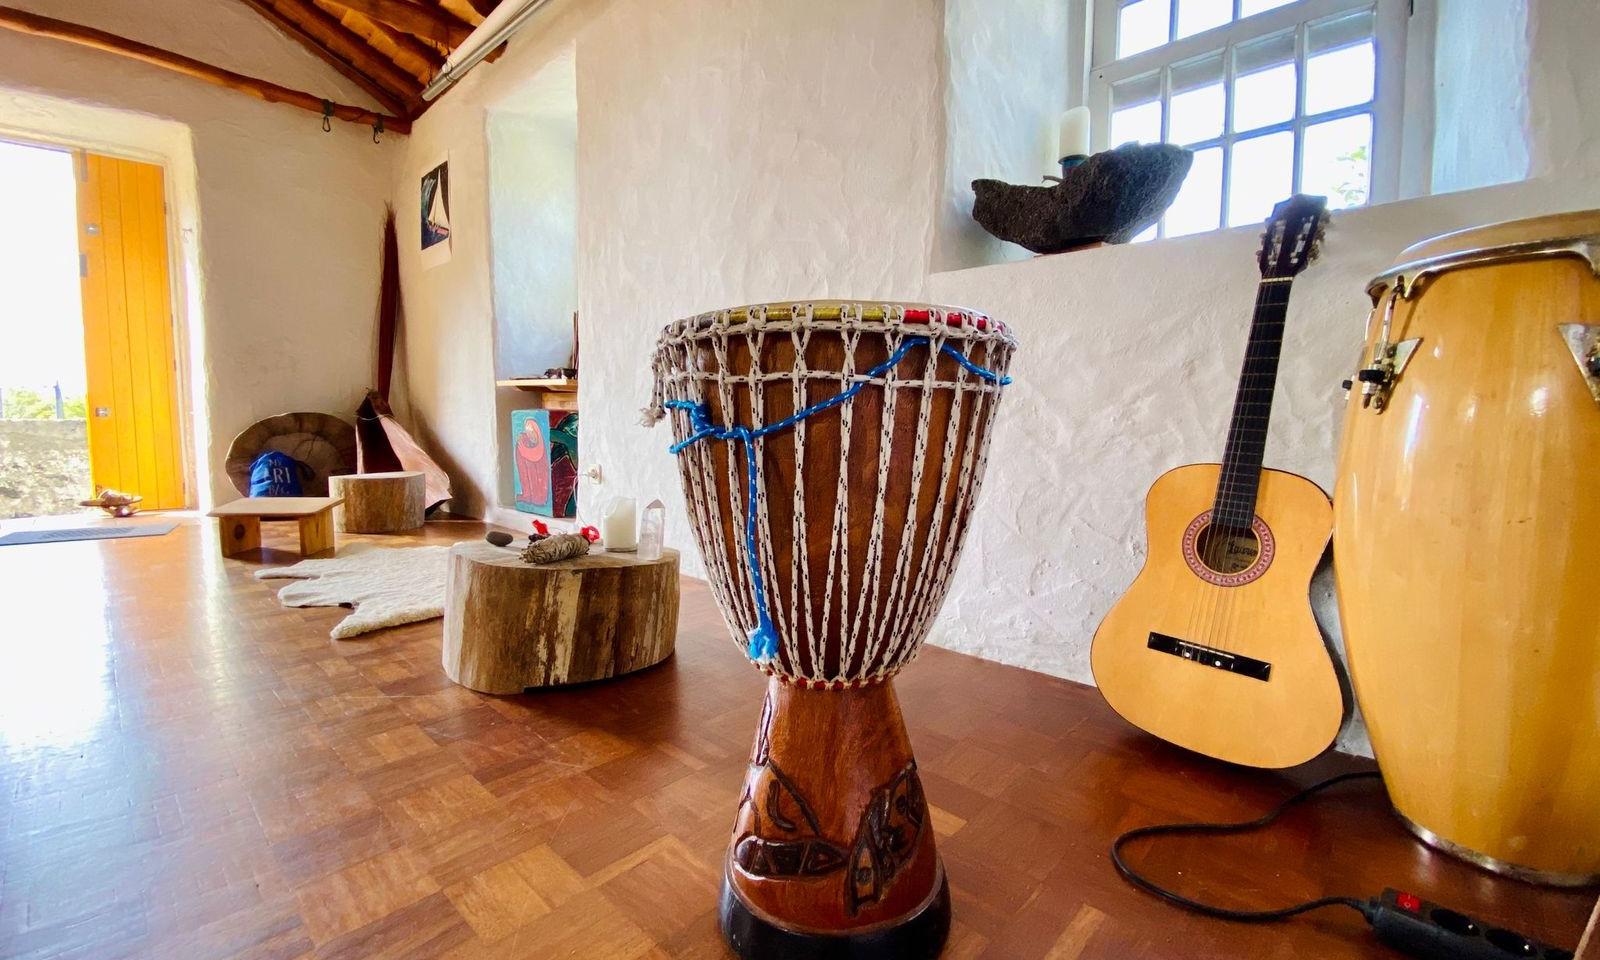 instruments better shot landscape.jpg